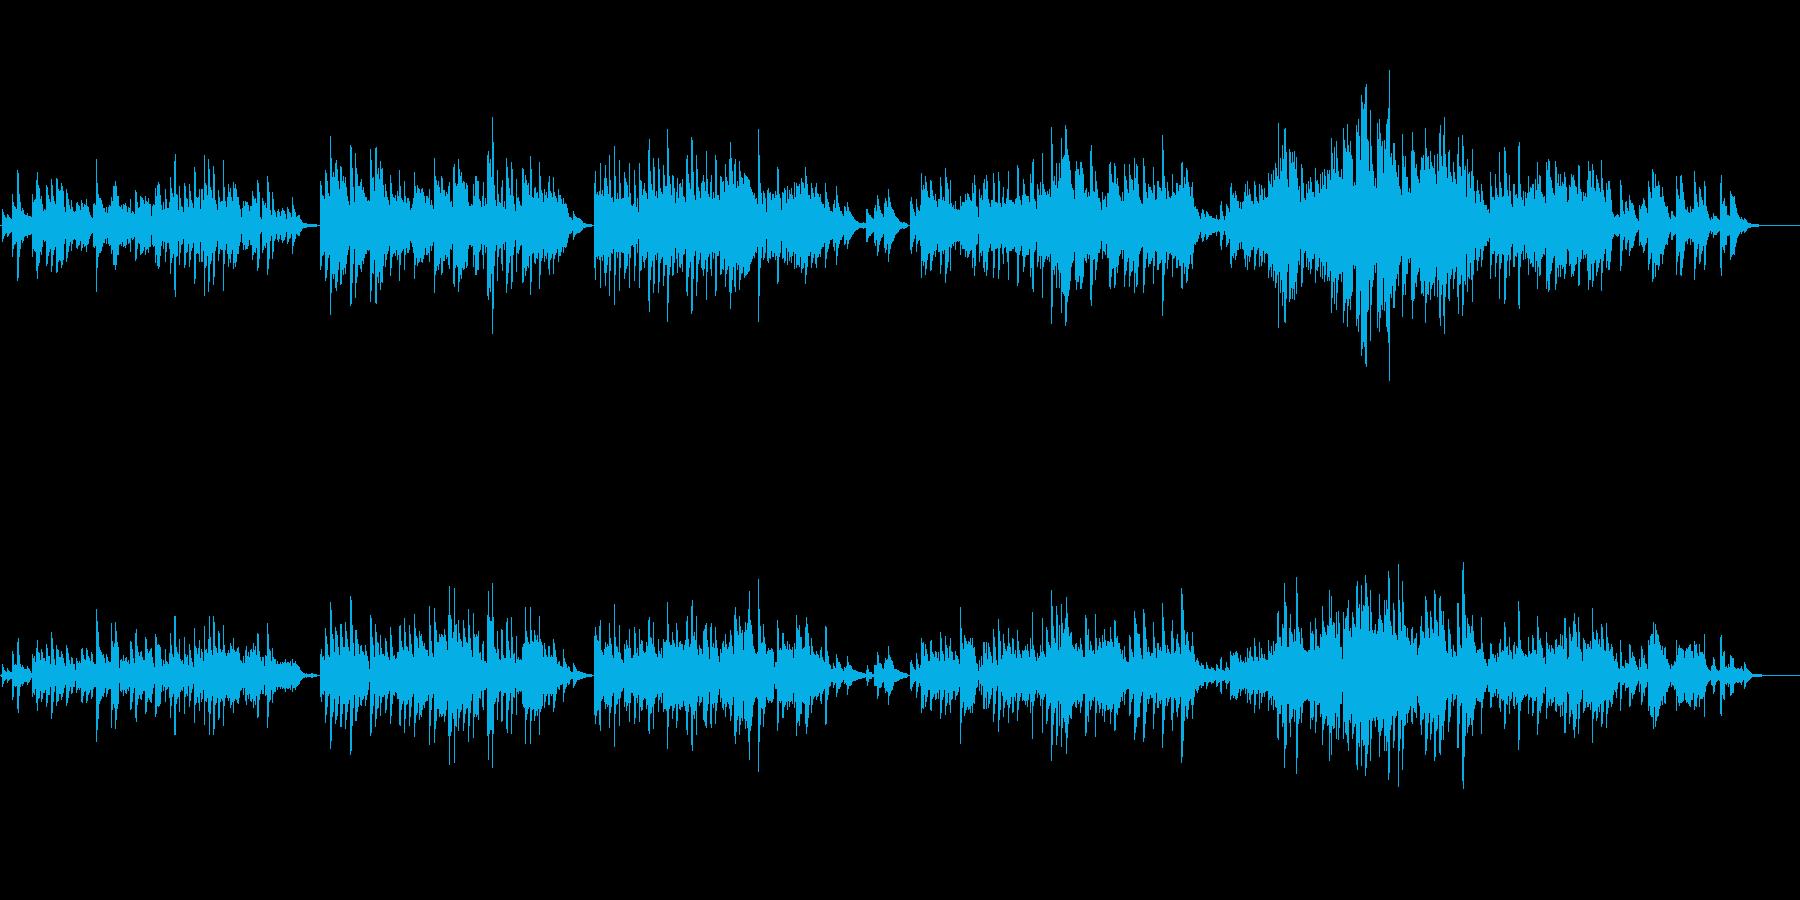 生ピアノソロ・肌寒い夜(ソフトピアノ)の再生済みの波形